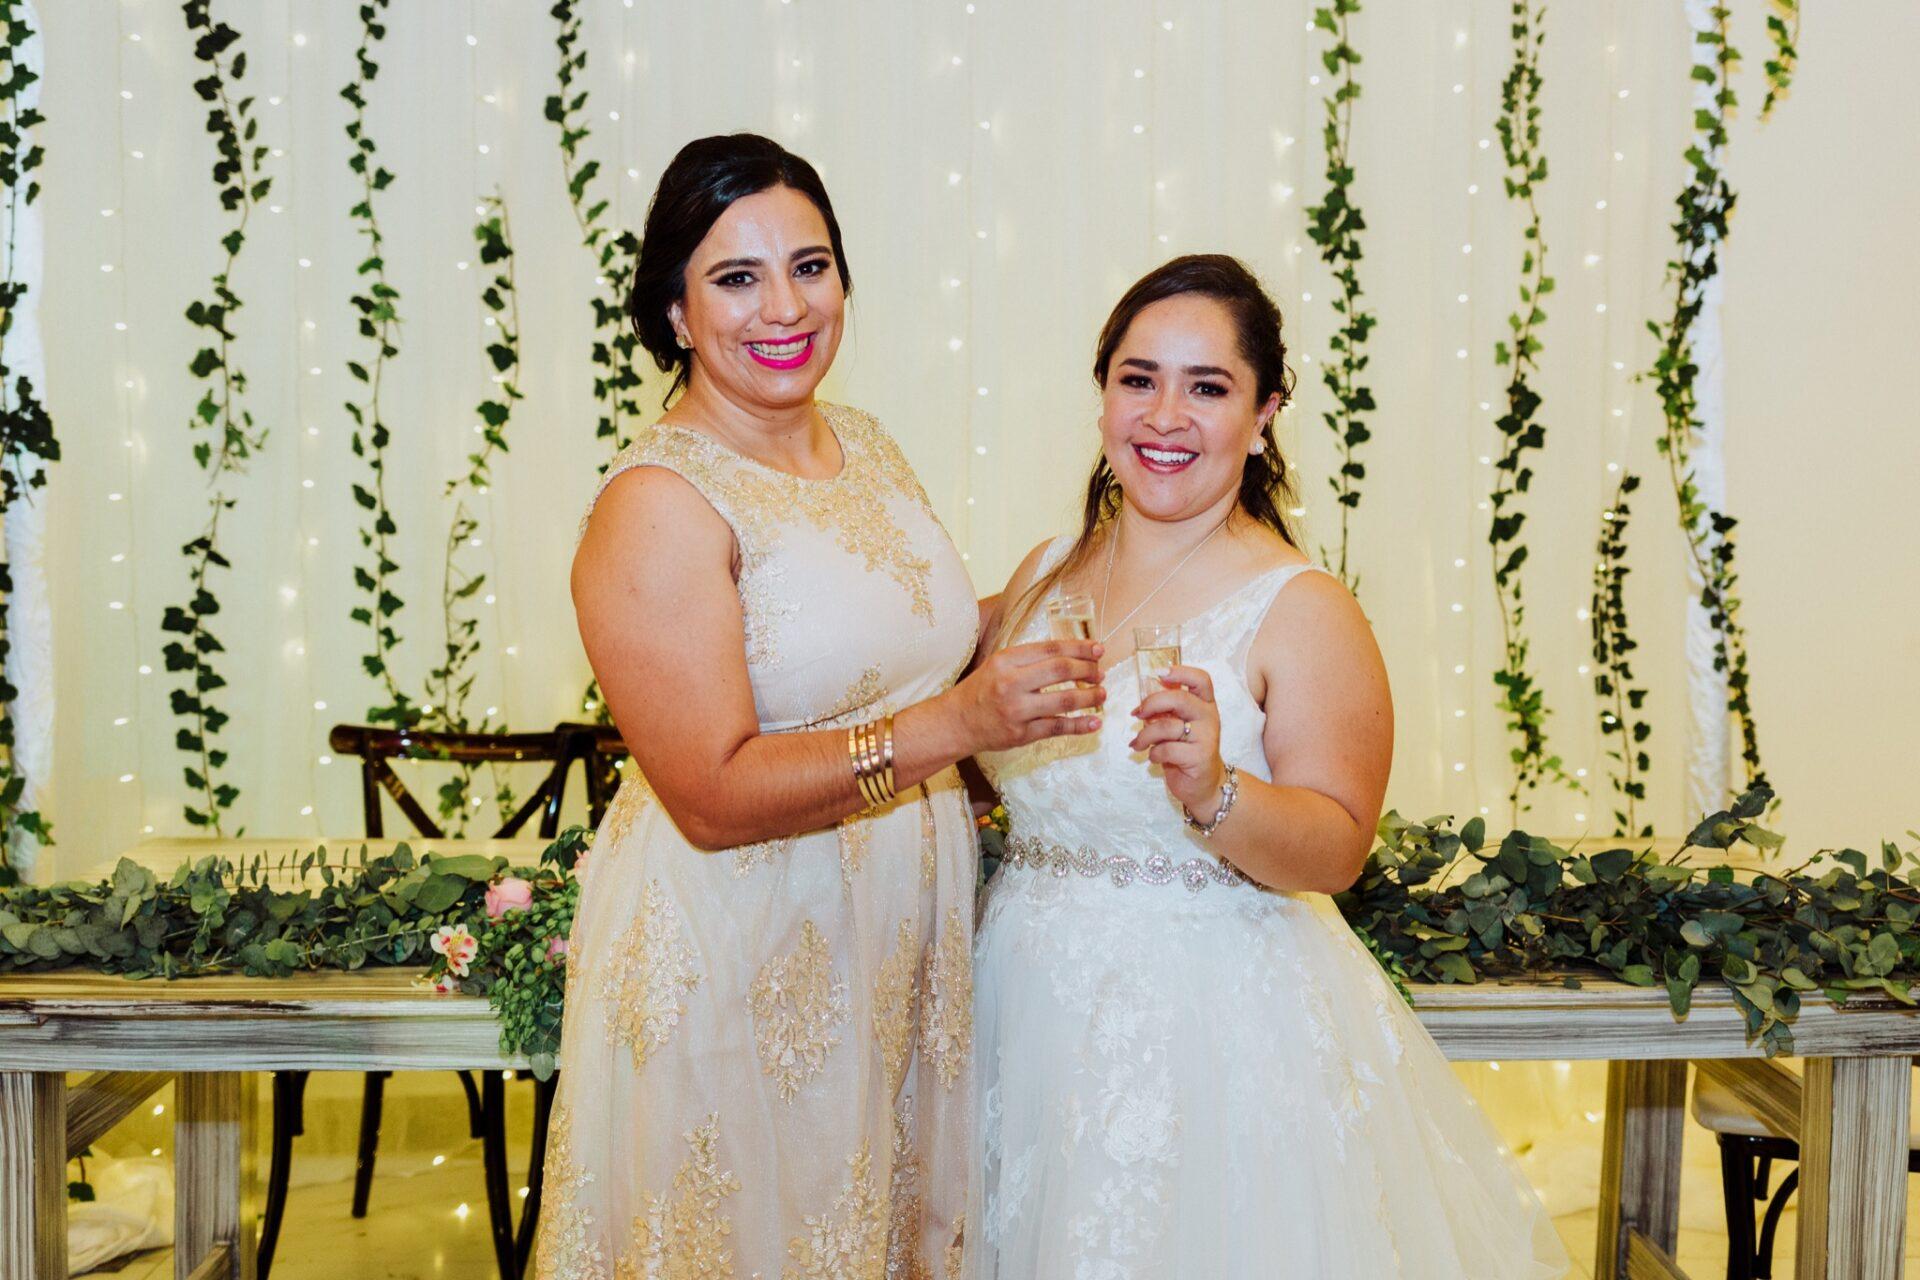 javier_noriega_fotografo_bodas_los_gaviones_zacatecas_wedding_photographer30